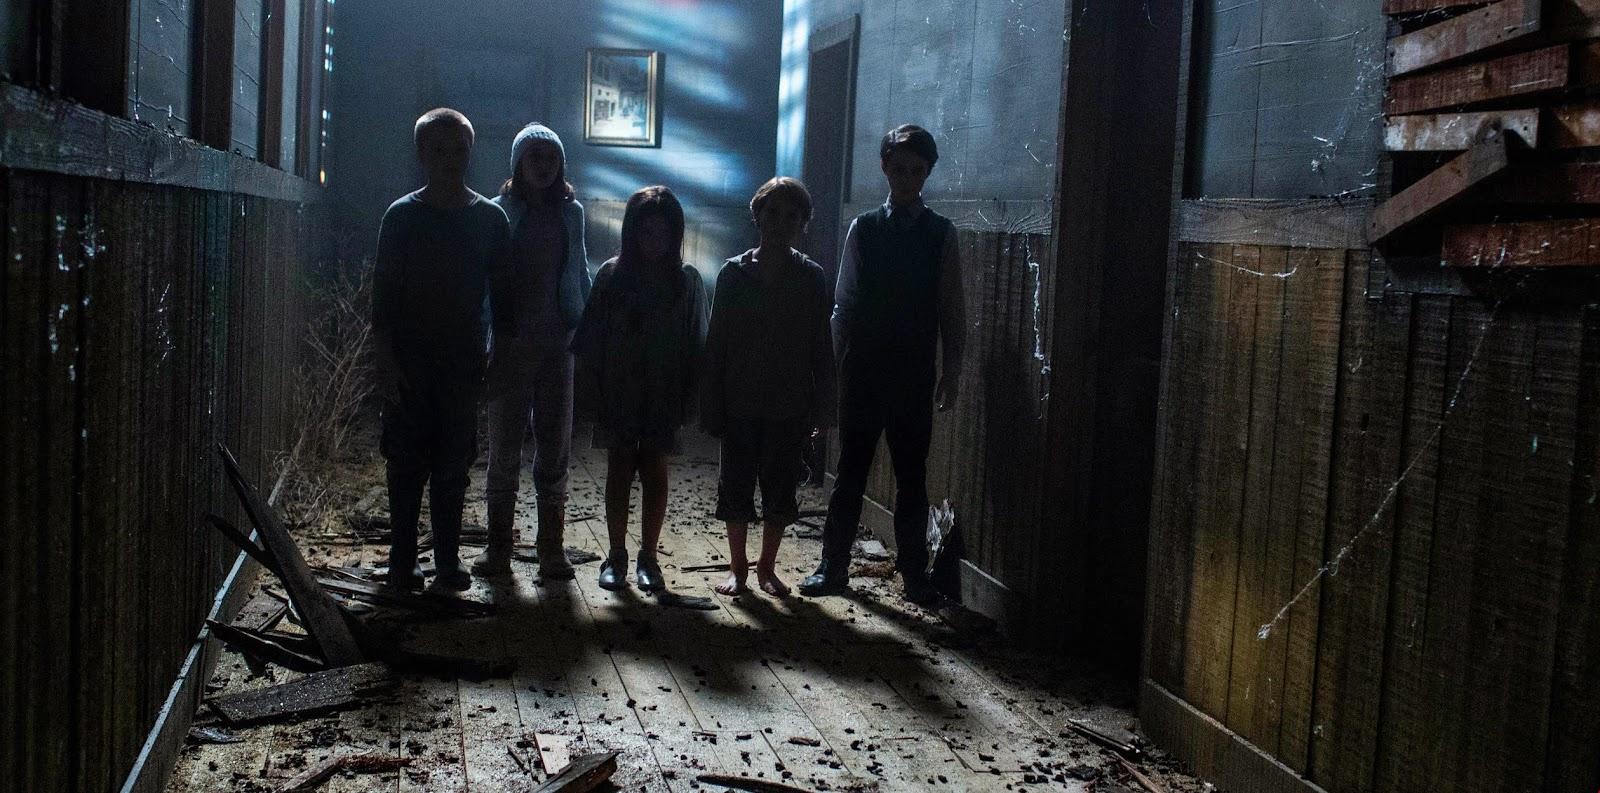 As crianças assustadoras estão de volta no trailer do terror A Entidade 2